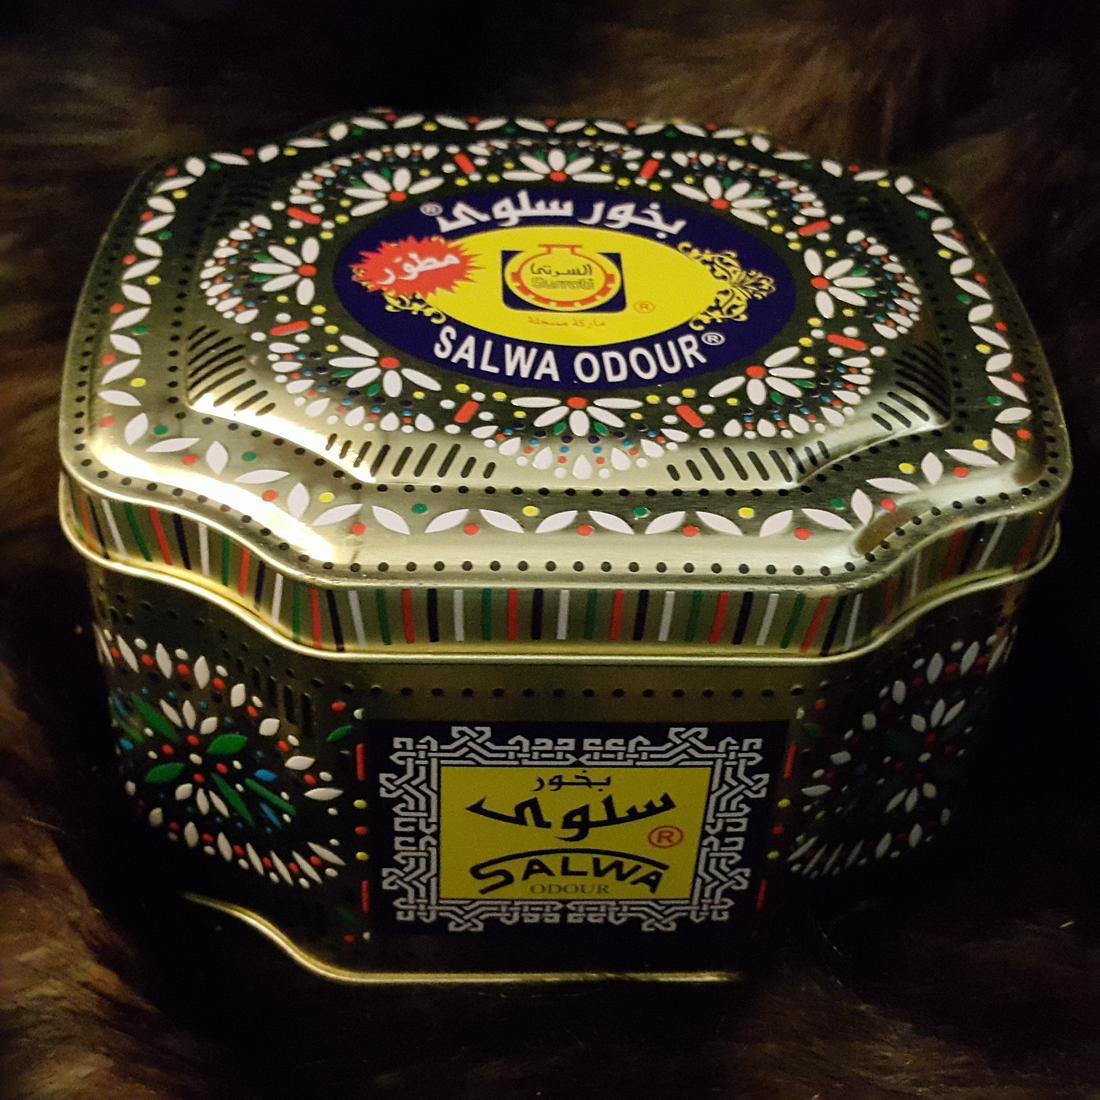 Maamool Selwa Bukhoor Traditional Islamic Arabian Incense